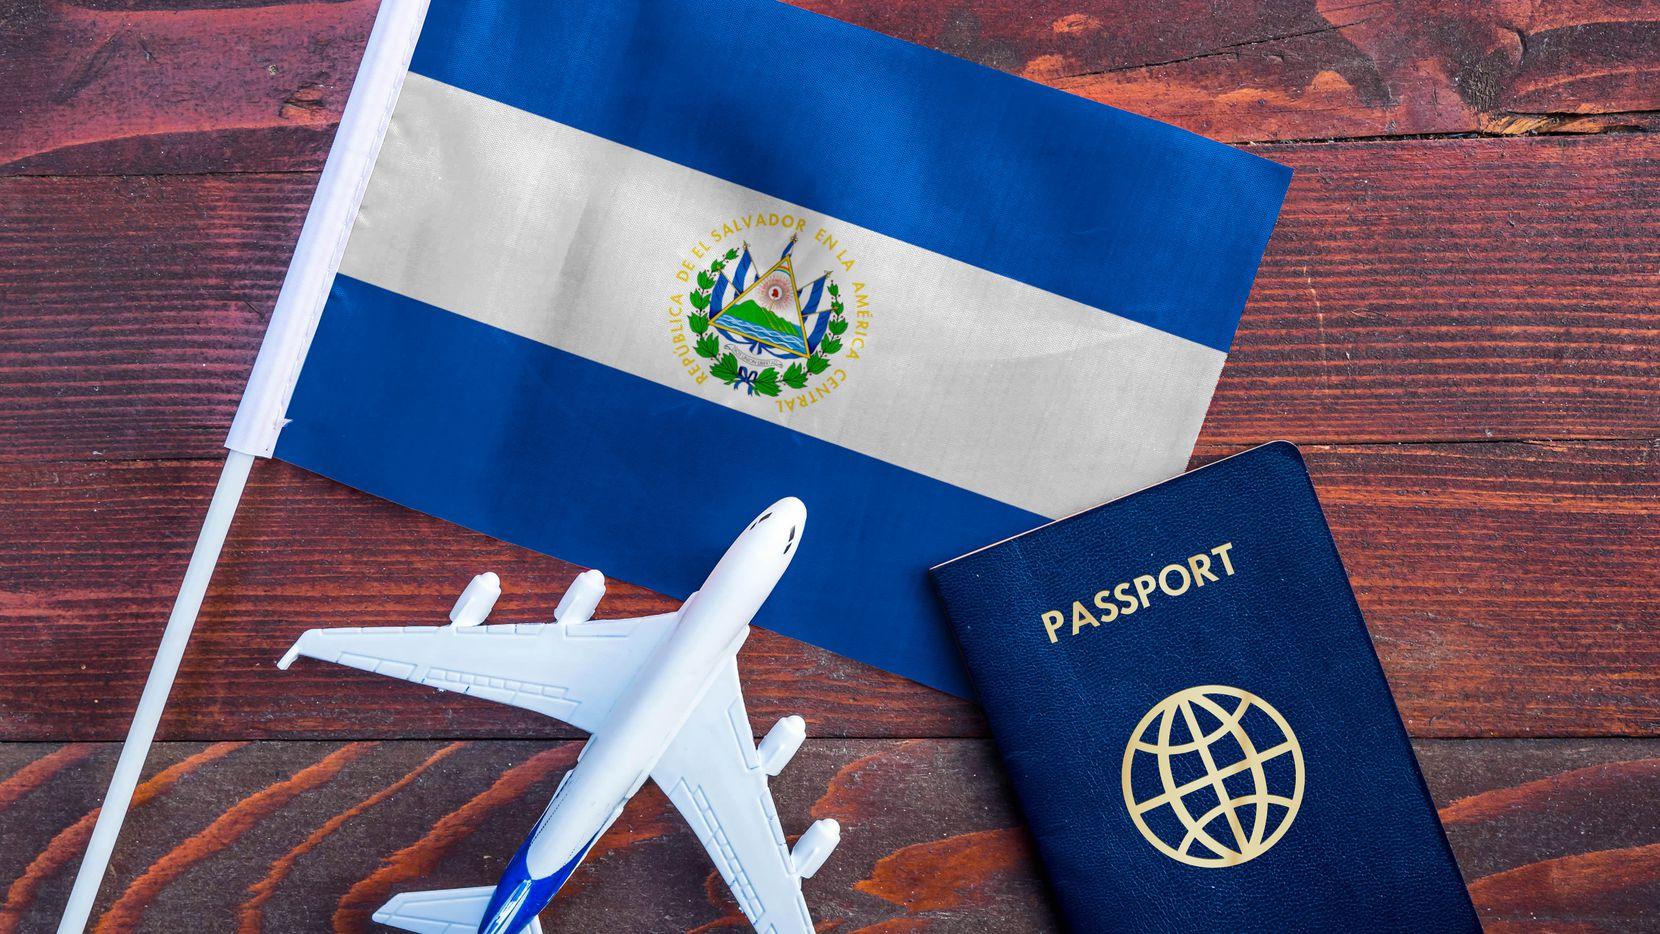 Se pueden realizar tres trámites diferentes de expedición de pasaporte en el Consulado de El Salvador en Dallas.